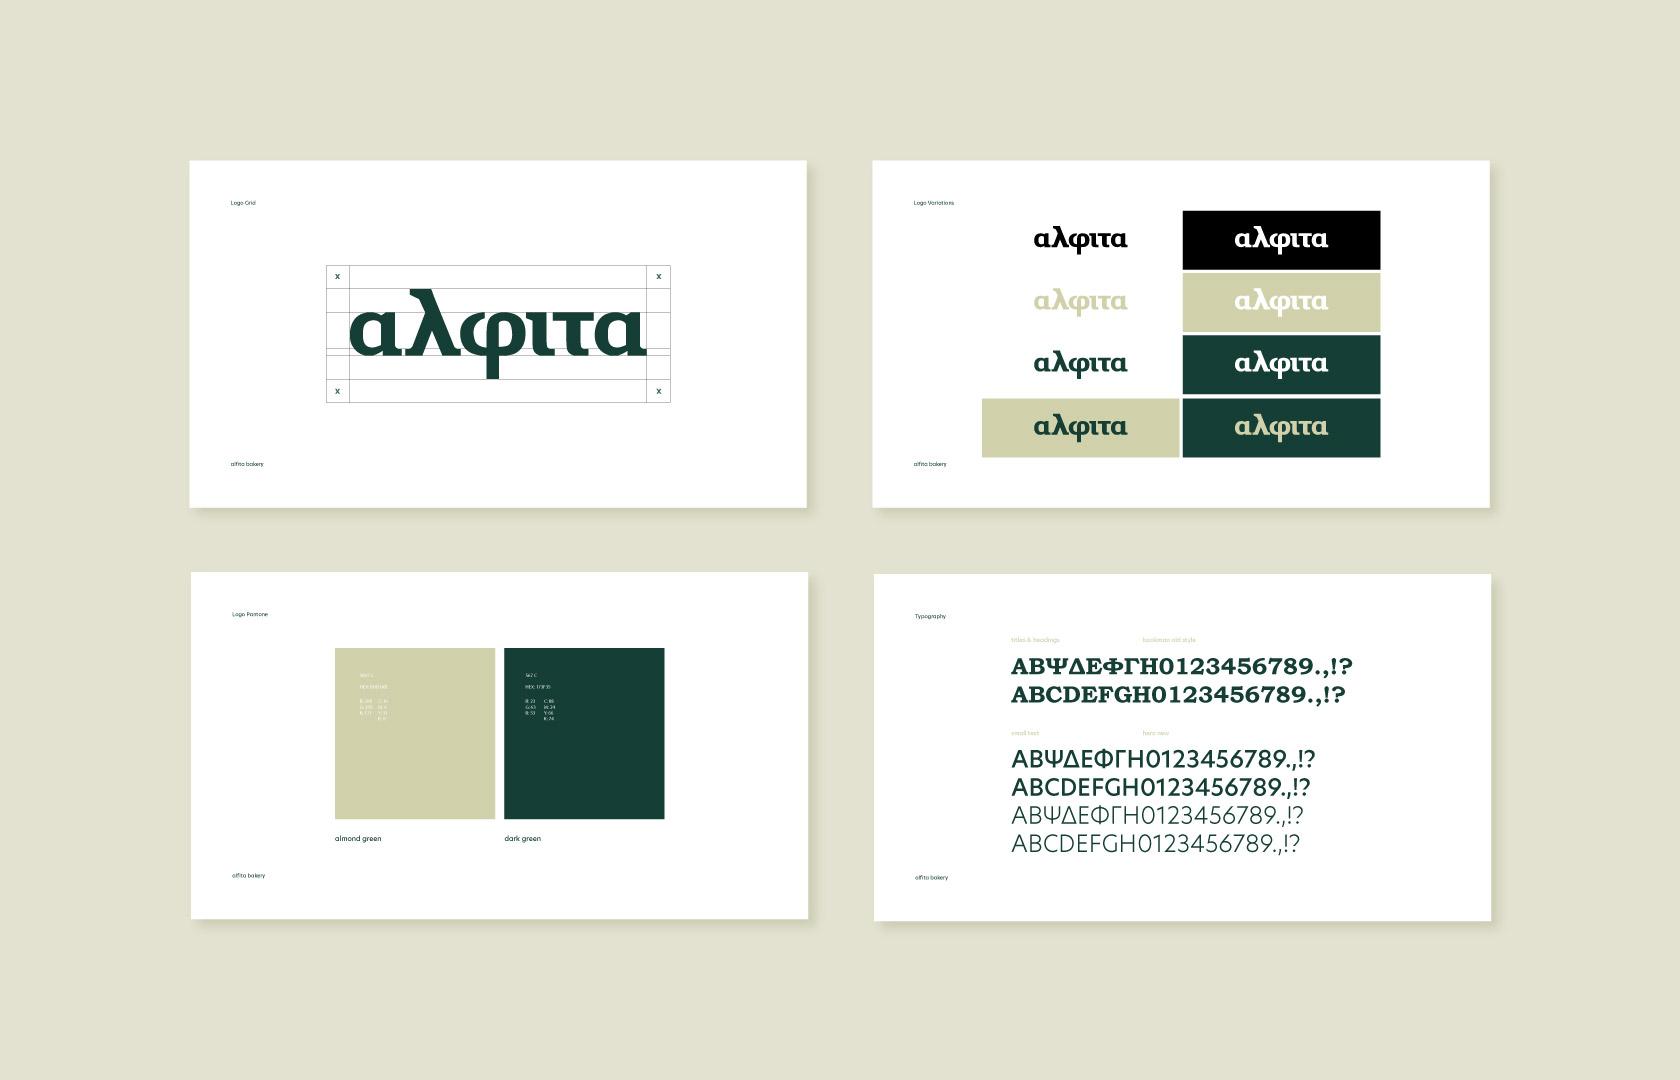 alfita-brand manual